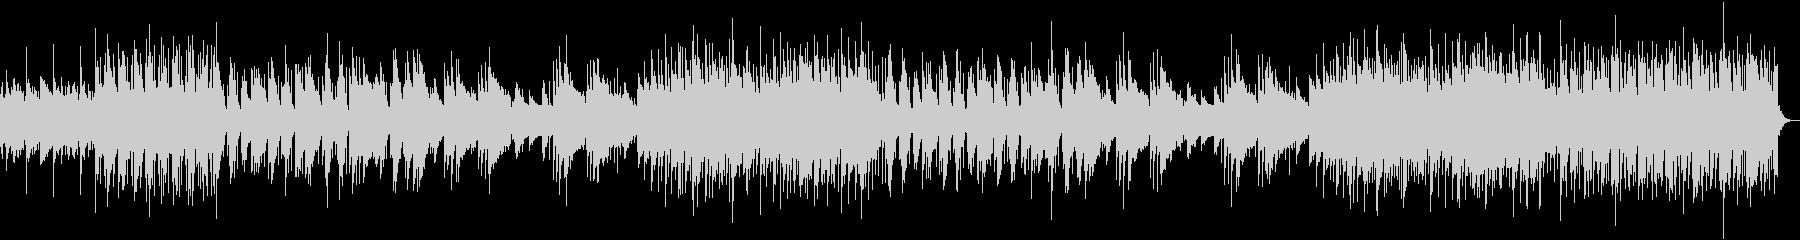 エレクトロポップの未再生の波形